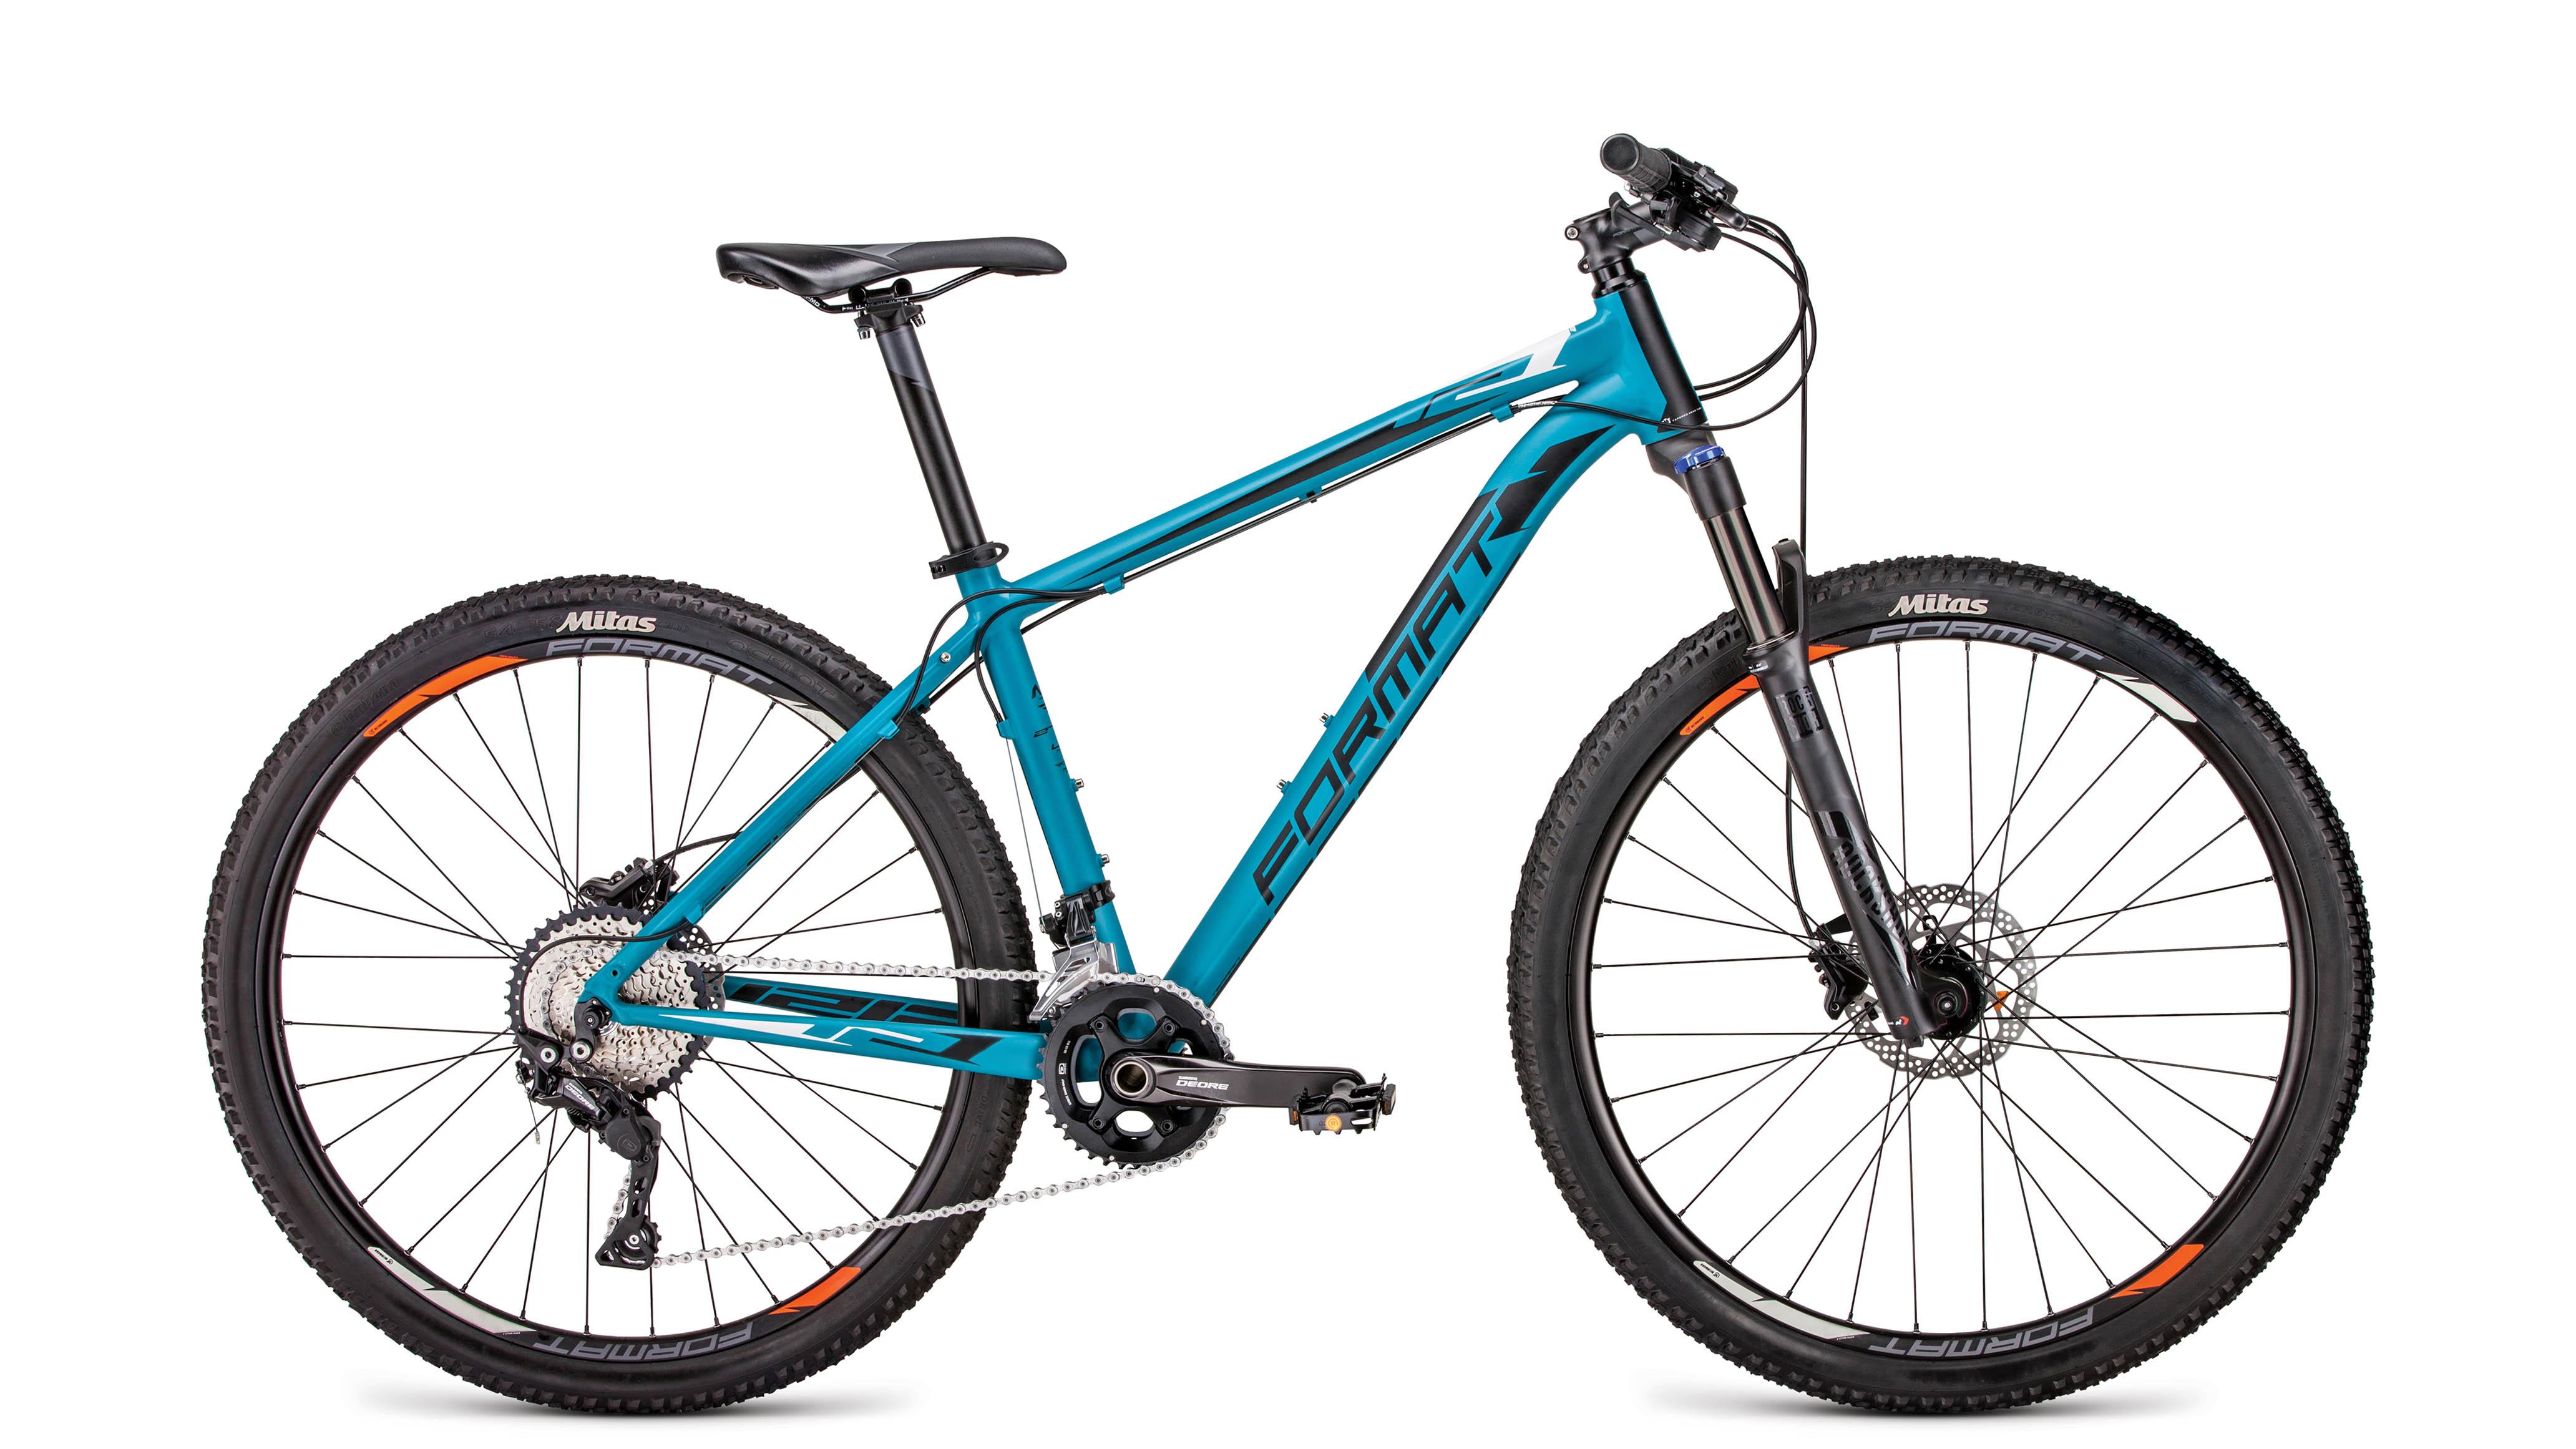 1212 27,5 (2019), Велосипед FORMAT (27,5 20 ск. рост S) 2018-2019, зеленый мат., RBKM9M67D001  - купить со скидкой